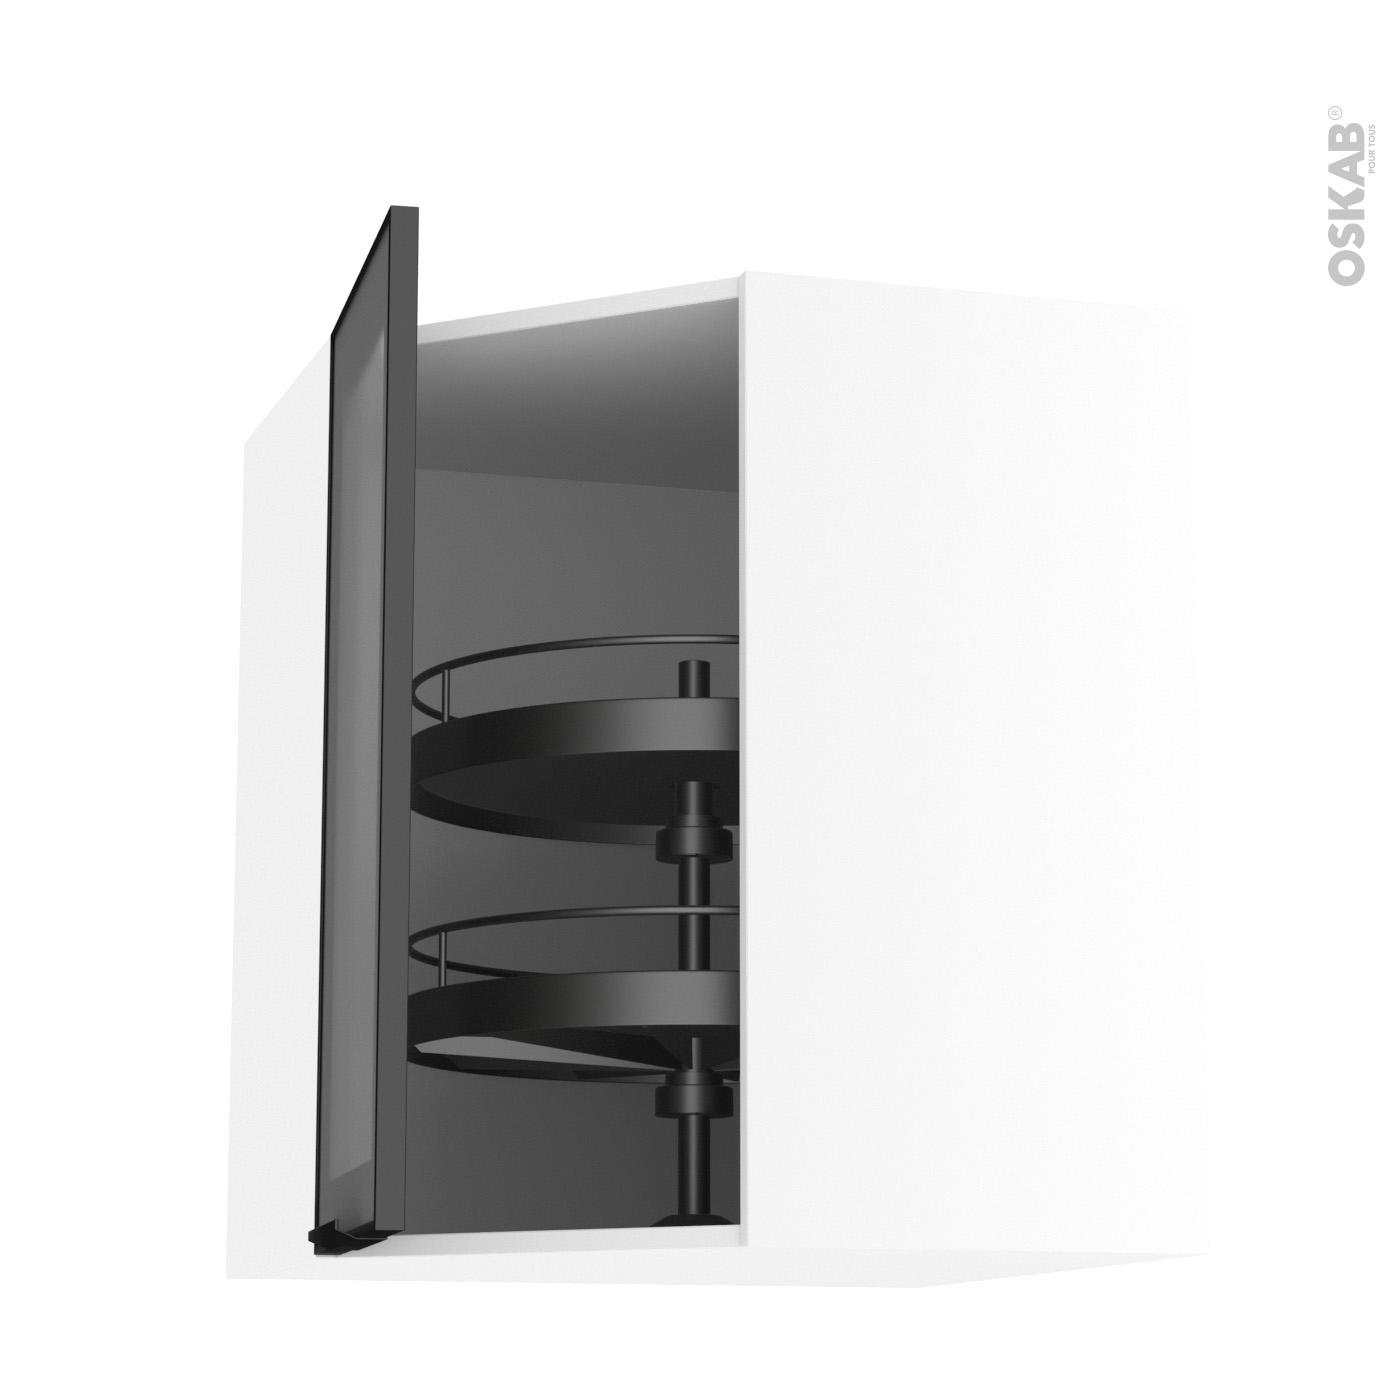 Meuble Cuisine Ikea Vide Sanitaire meuble de cuisine angle haut vitré façade noire alu, tourniquet 1 porte  n°19 l40 cm, l65 x h70 x p37 cm, sokleo